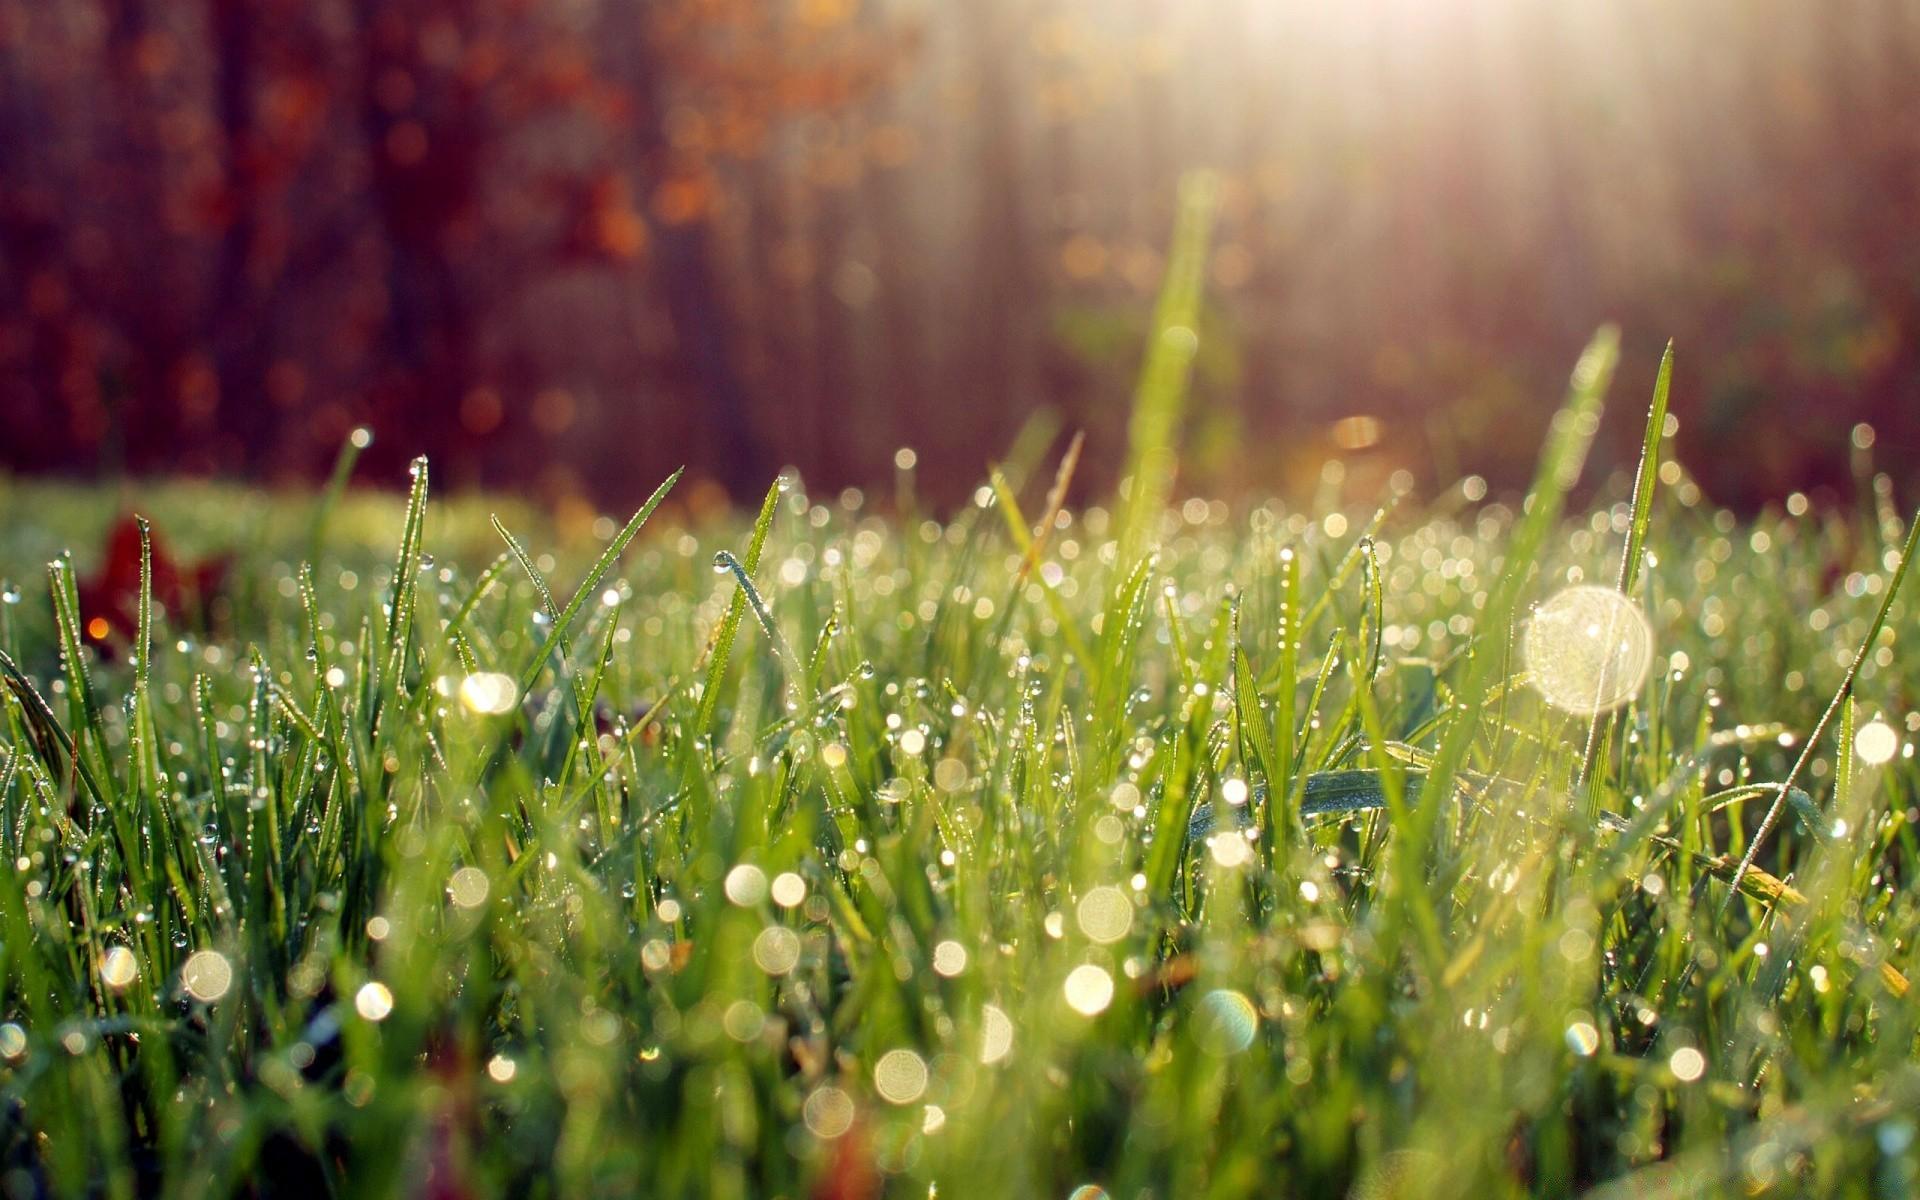 картинки лето природа роса торопятся